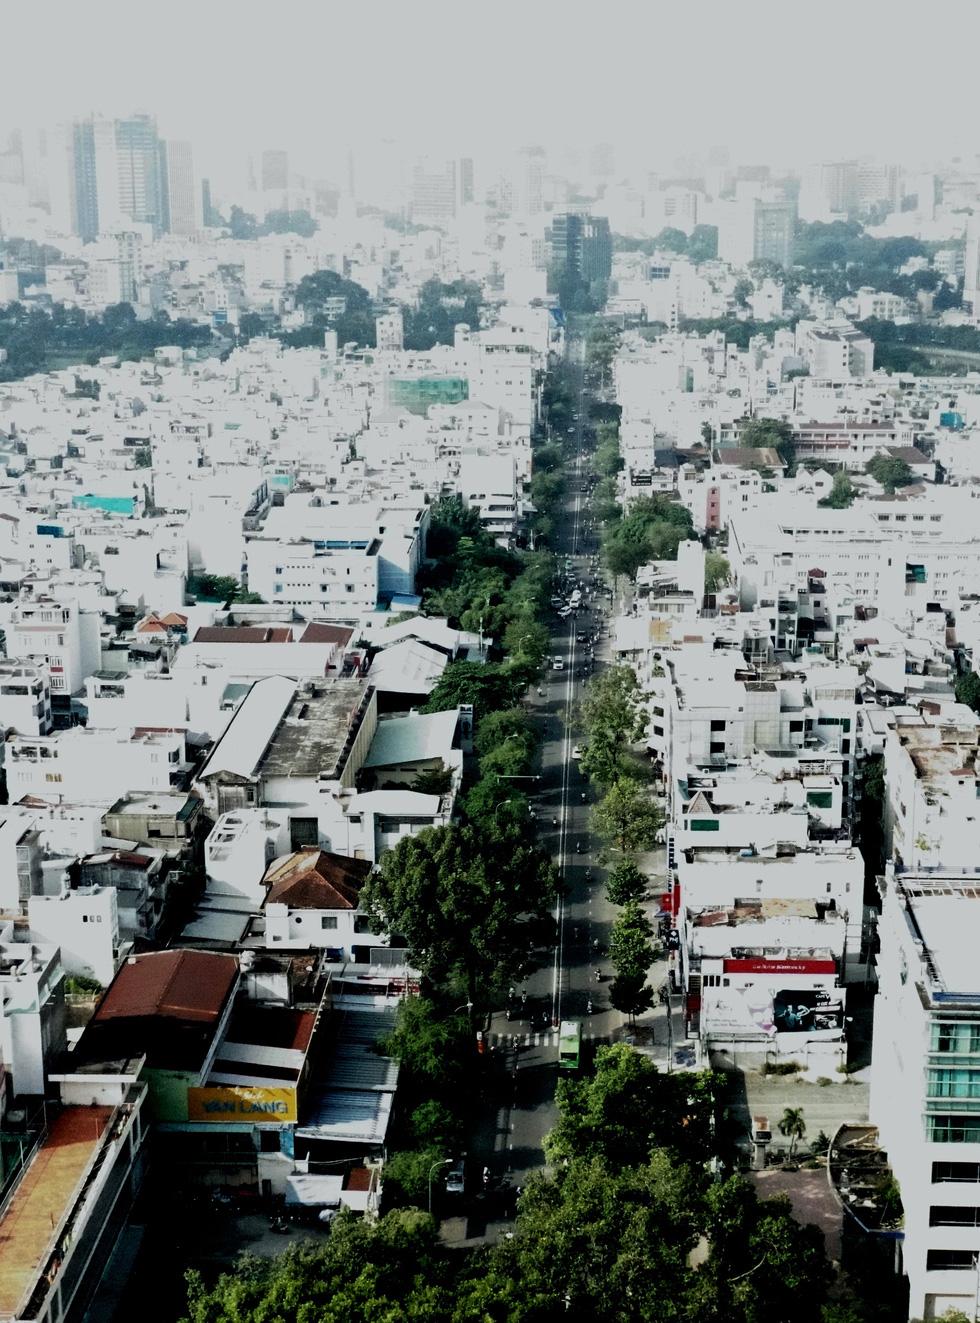 Ngắm đoạn đường Đinh Tiên Hoàng sắp đổi tên thành Lê Văn Duyệt - Ảnh 2.